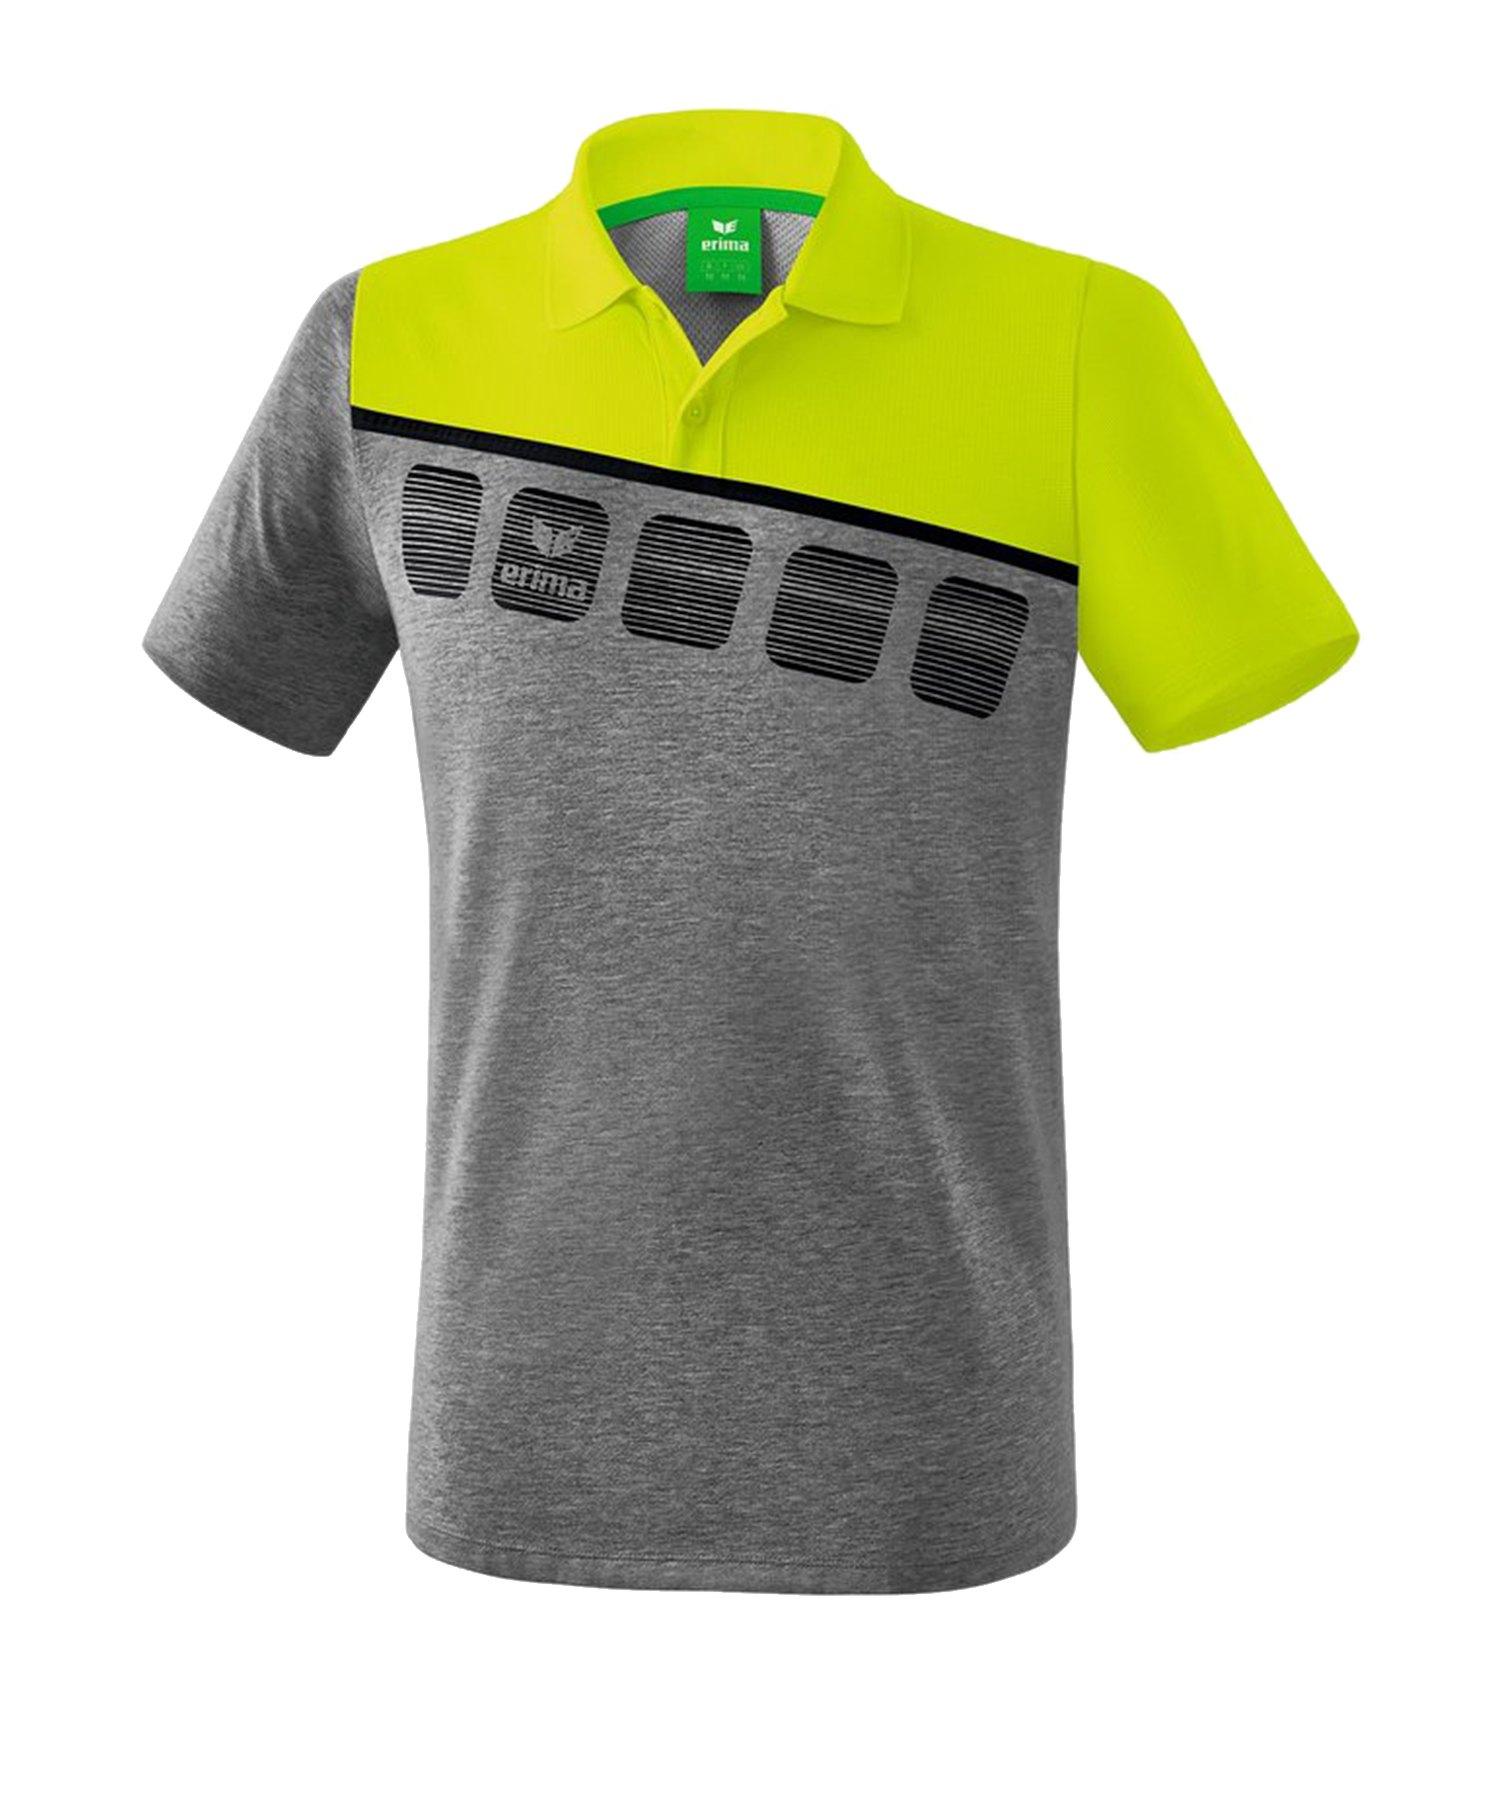 Erima 5-C Poloshirt Grau Grün - Grau